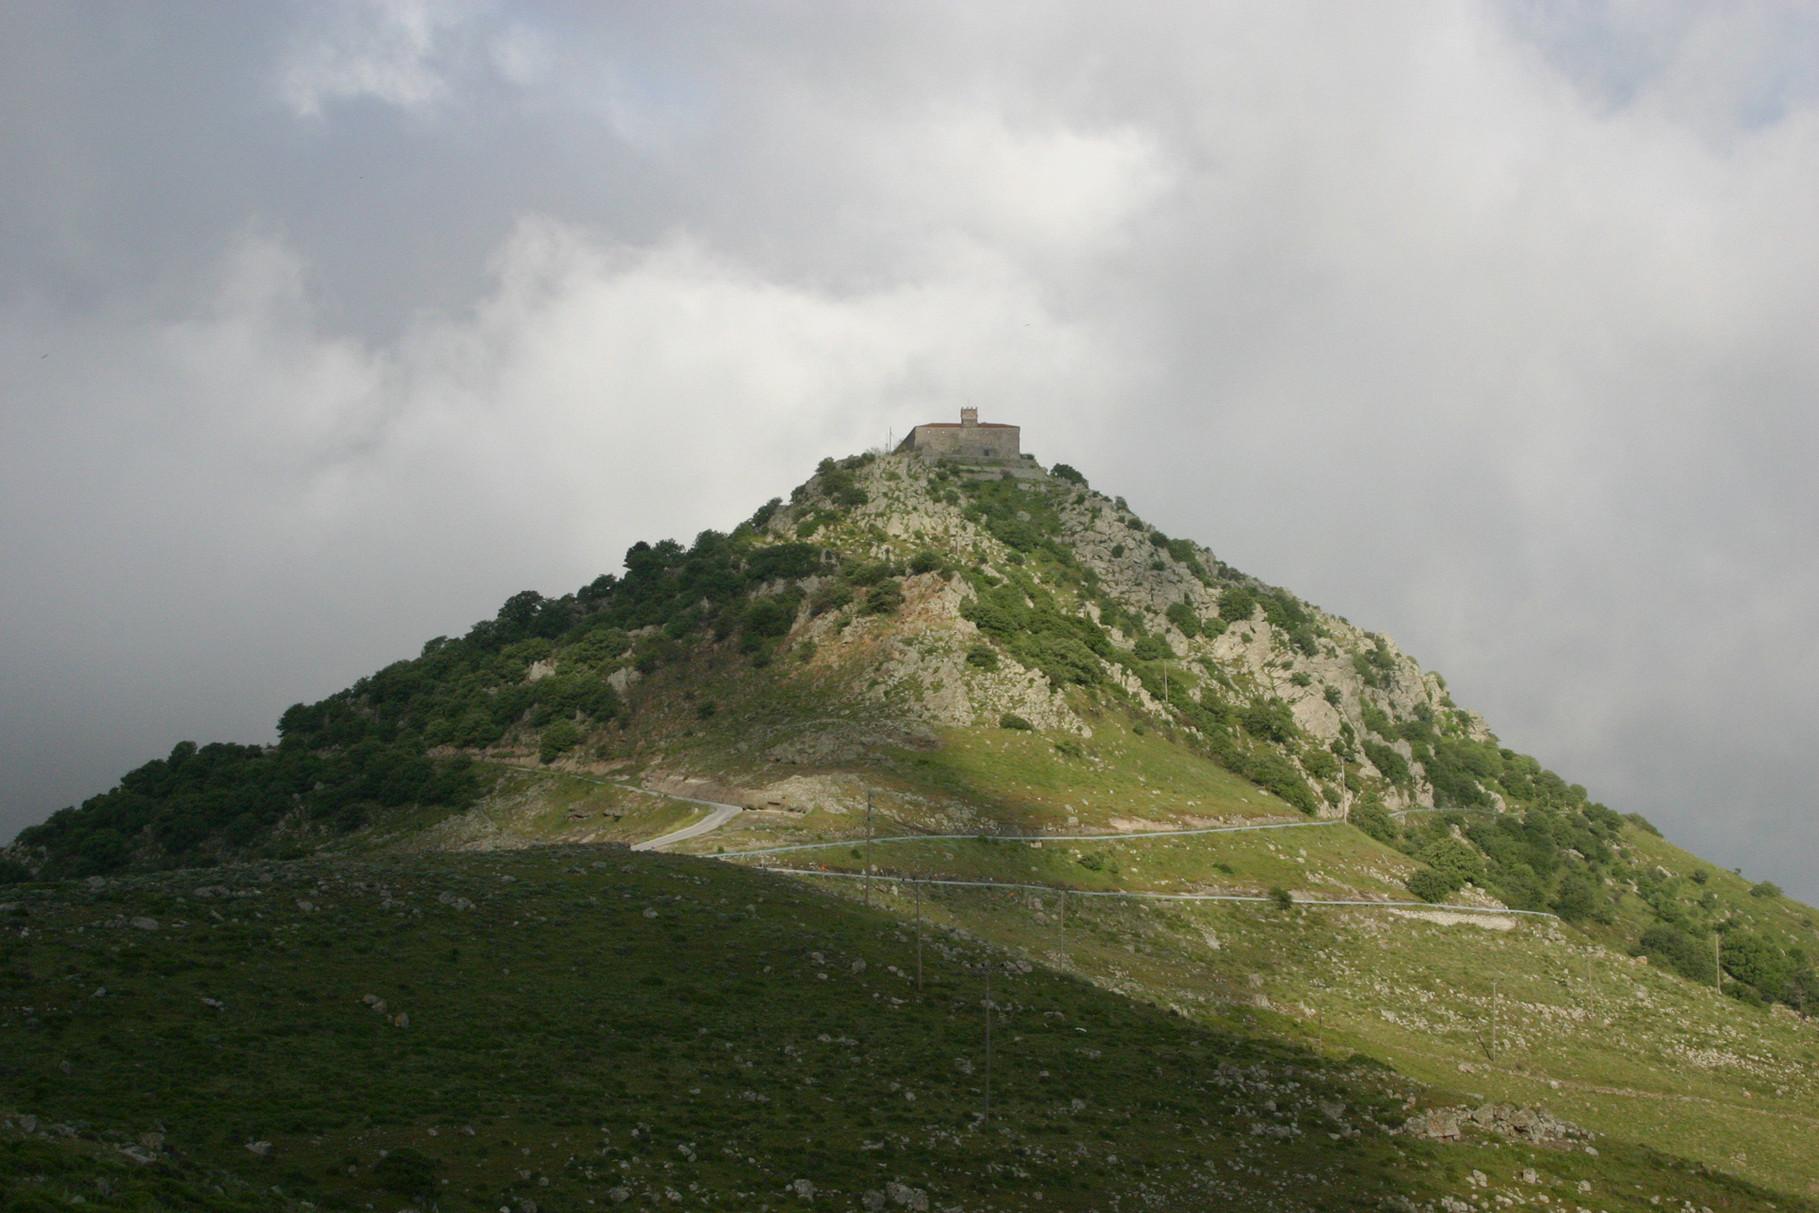 Einer der ornithologischen Hotspots im Westteil der Insel: der Hügel mit dem Kloster von Ipsilou